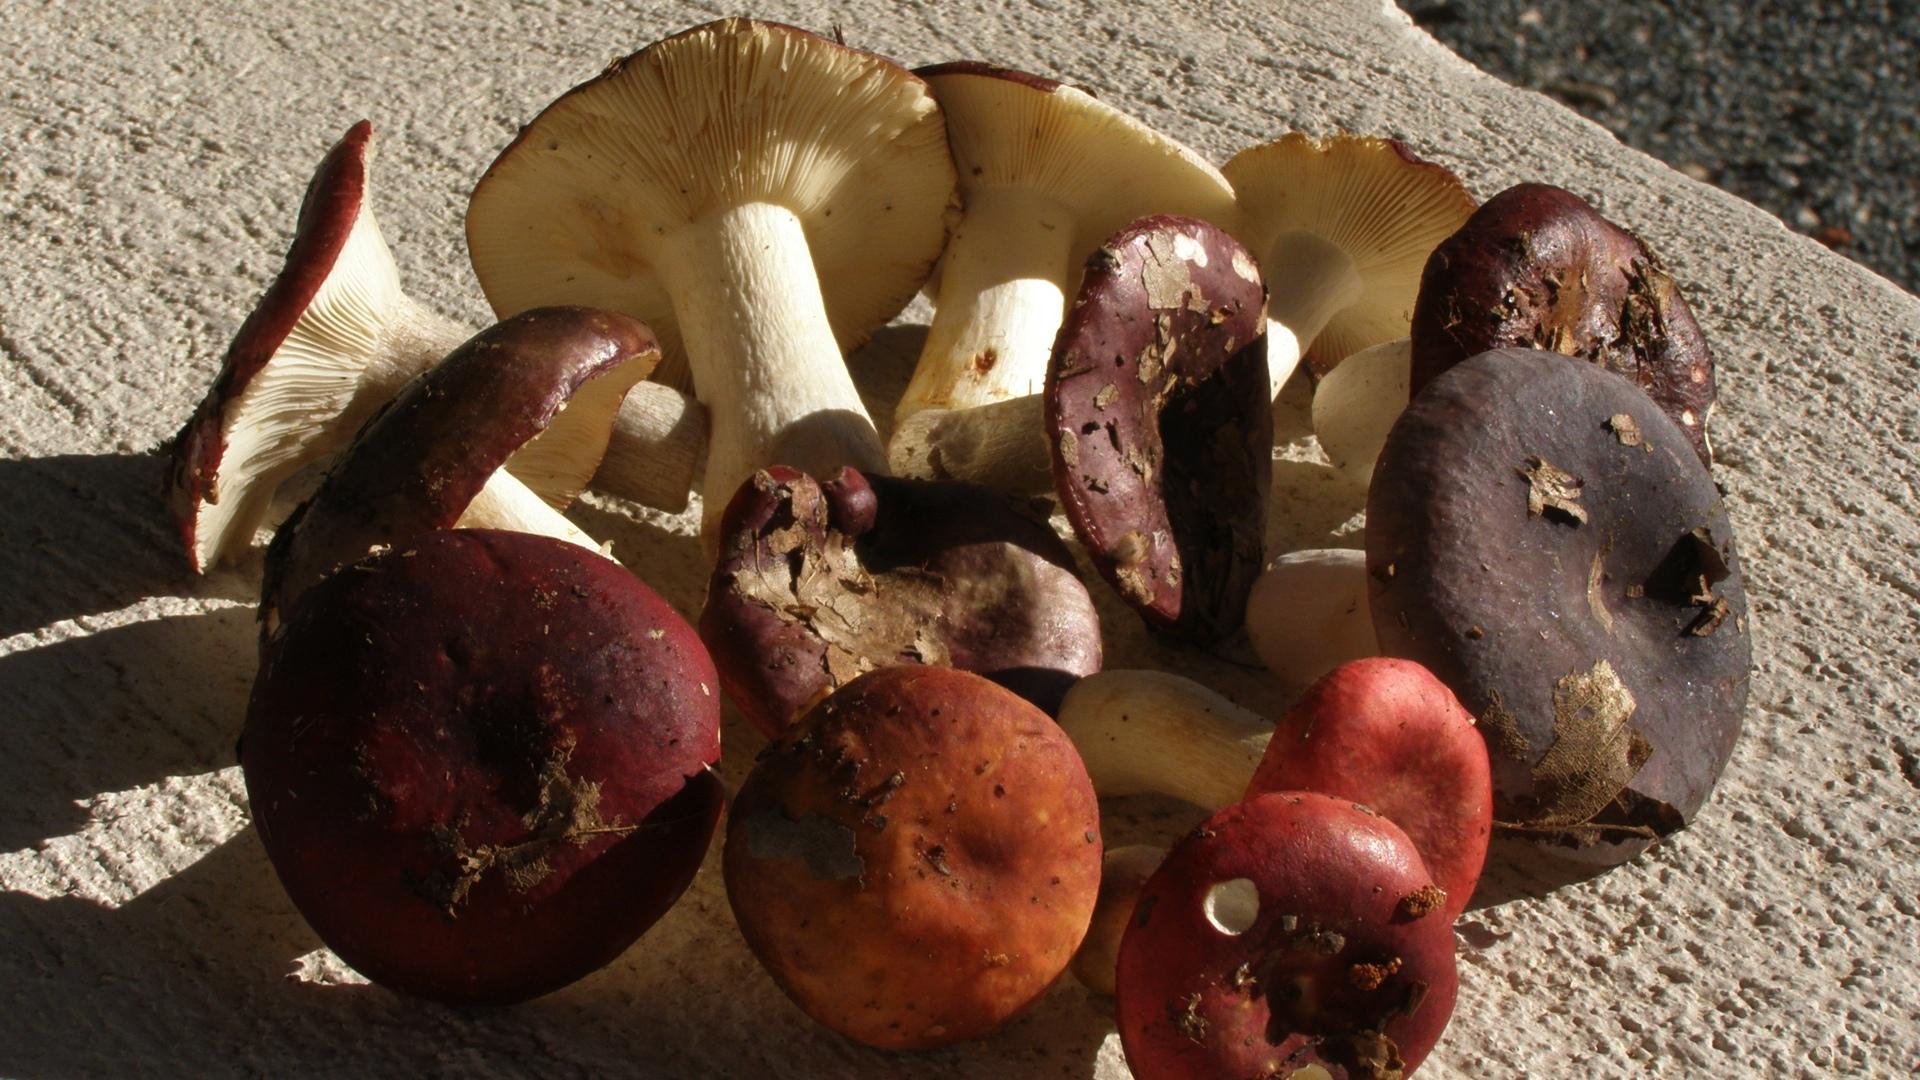 Galambgombák, többféle színváltozatban